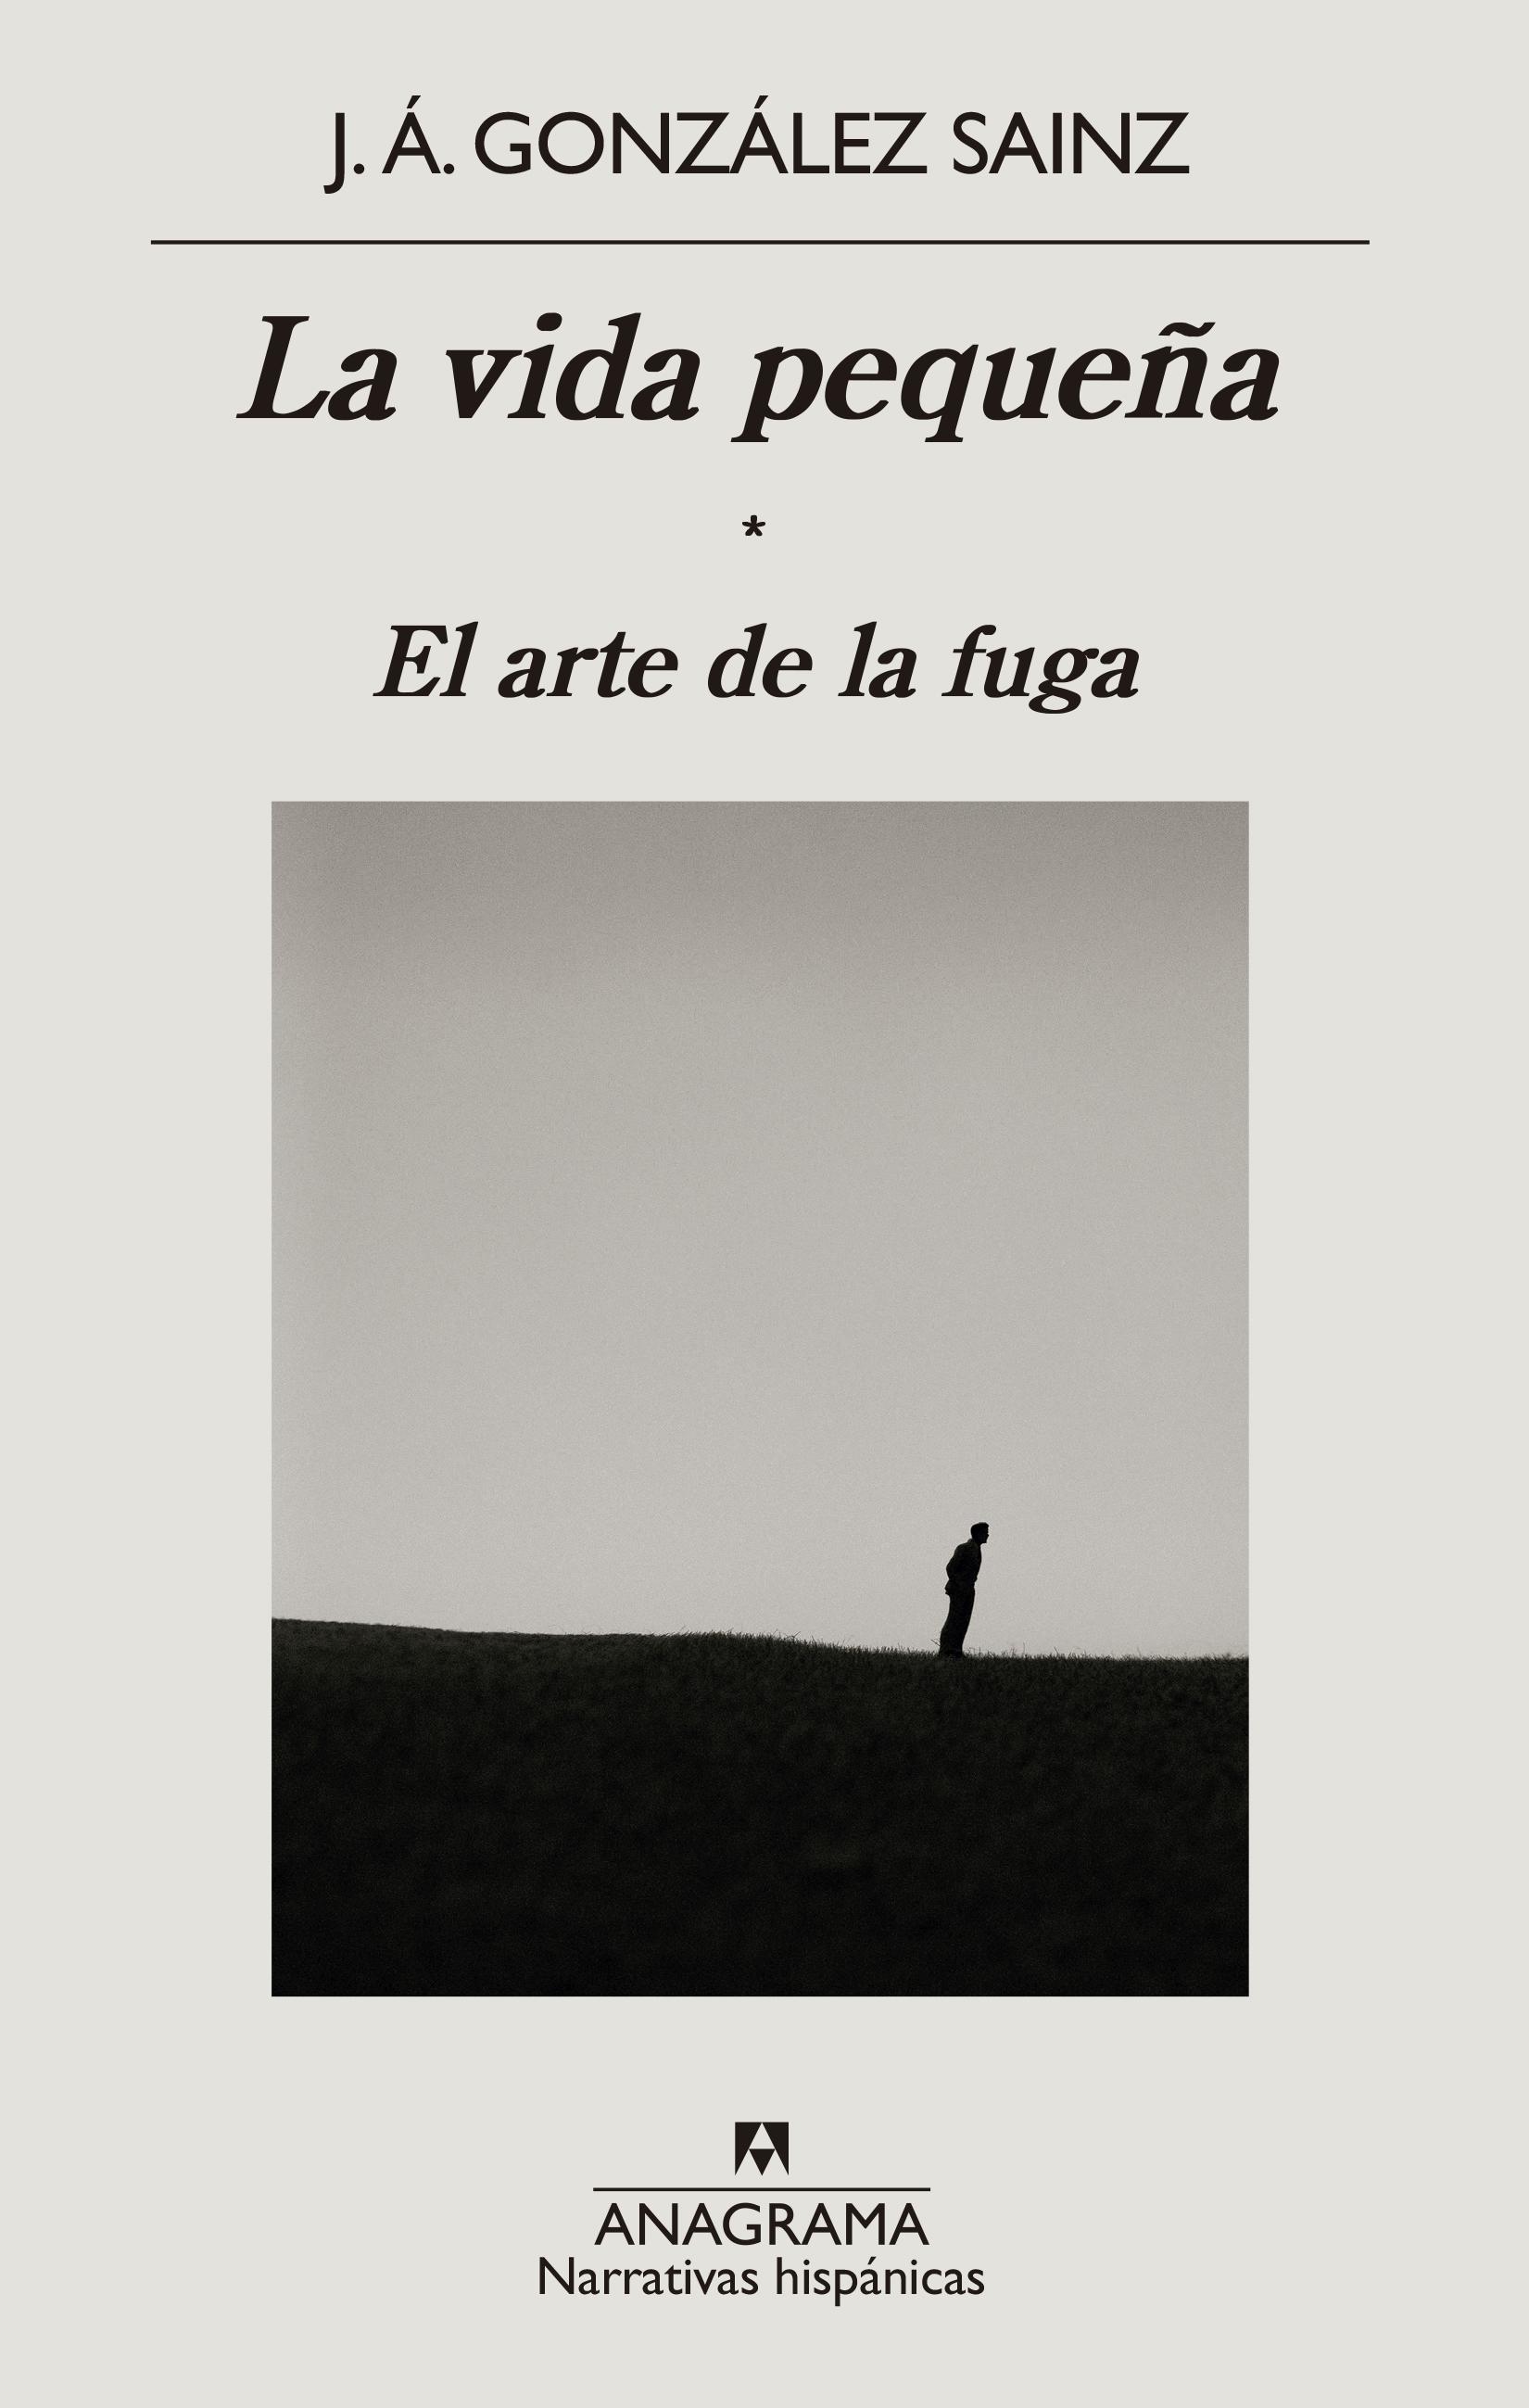 portada 'La vida pequeña. El arte de la fuga', J.A. GONZÁLEZ SAINZ. EDITORIAL ANAGRAMA